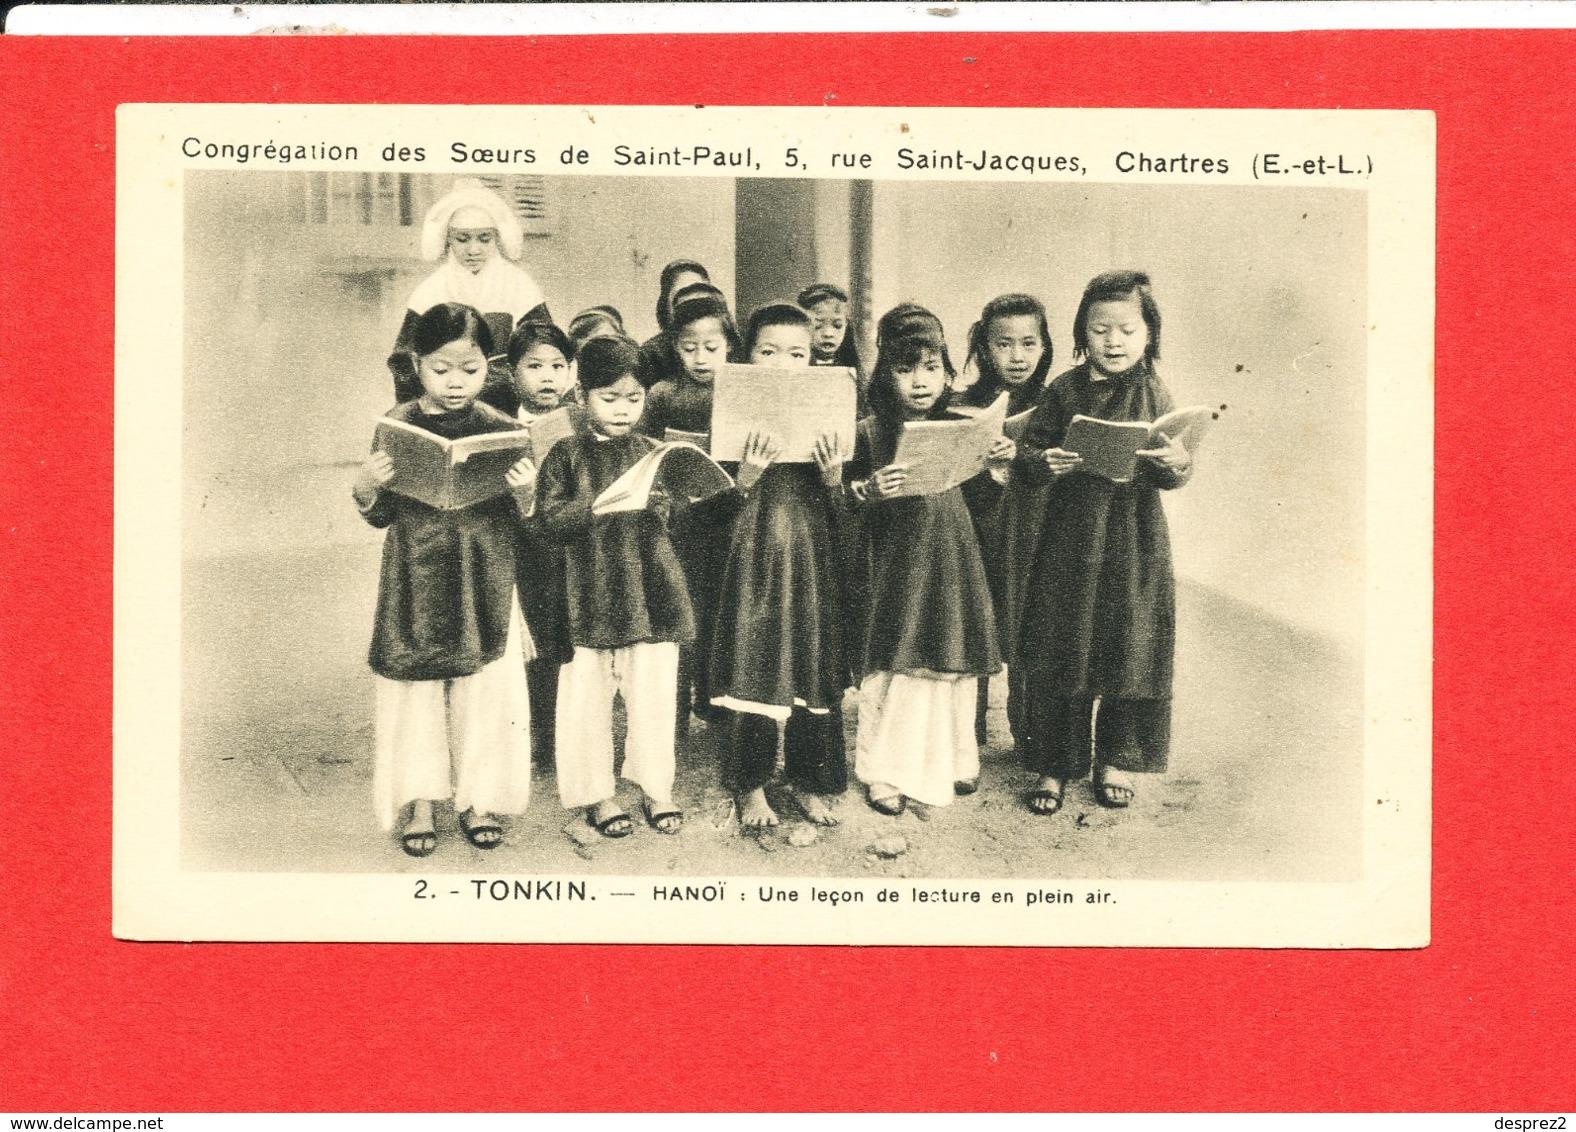 TONKIN HANOI  Cpa Animée Une Leçon De Lecture En Plein Air  2  Cong St Paul Chartres - Viêt-Nam